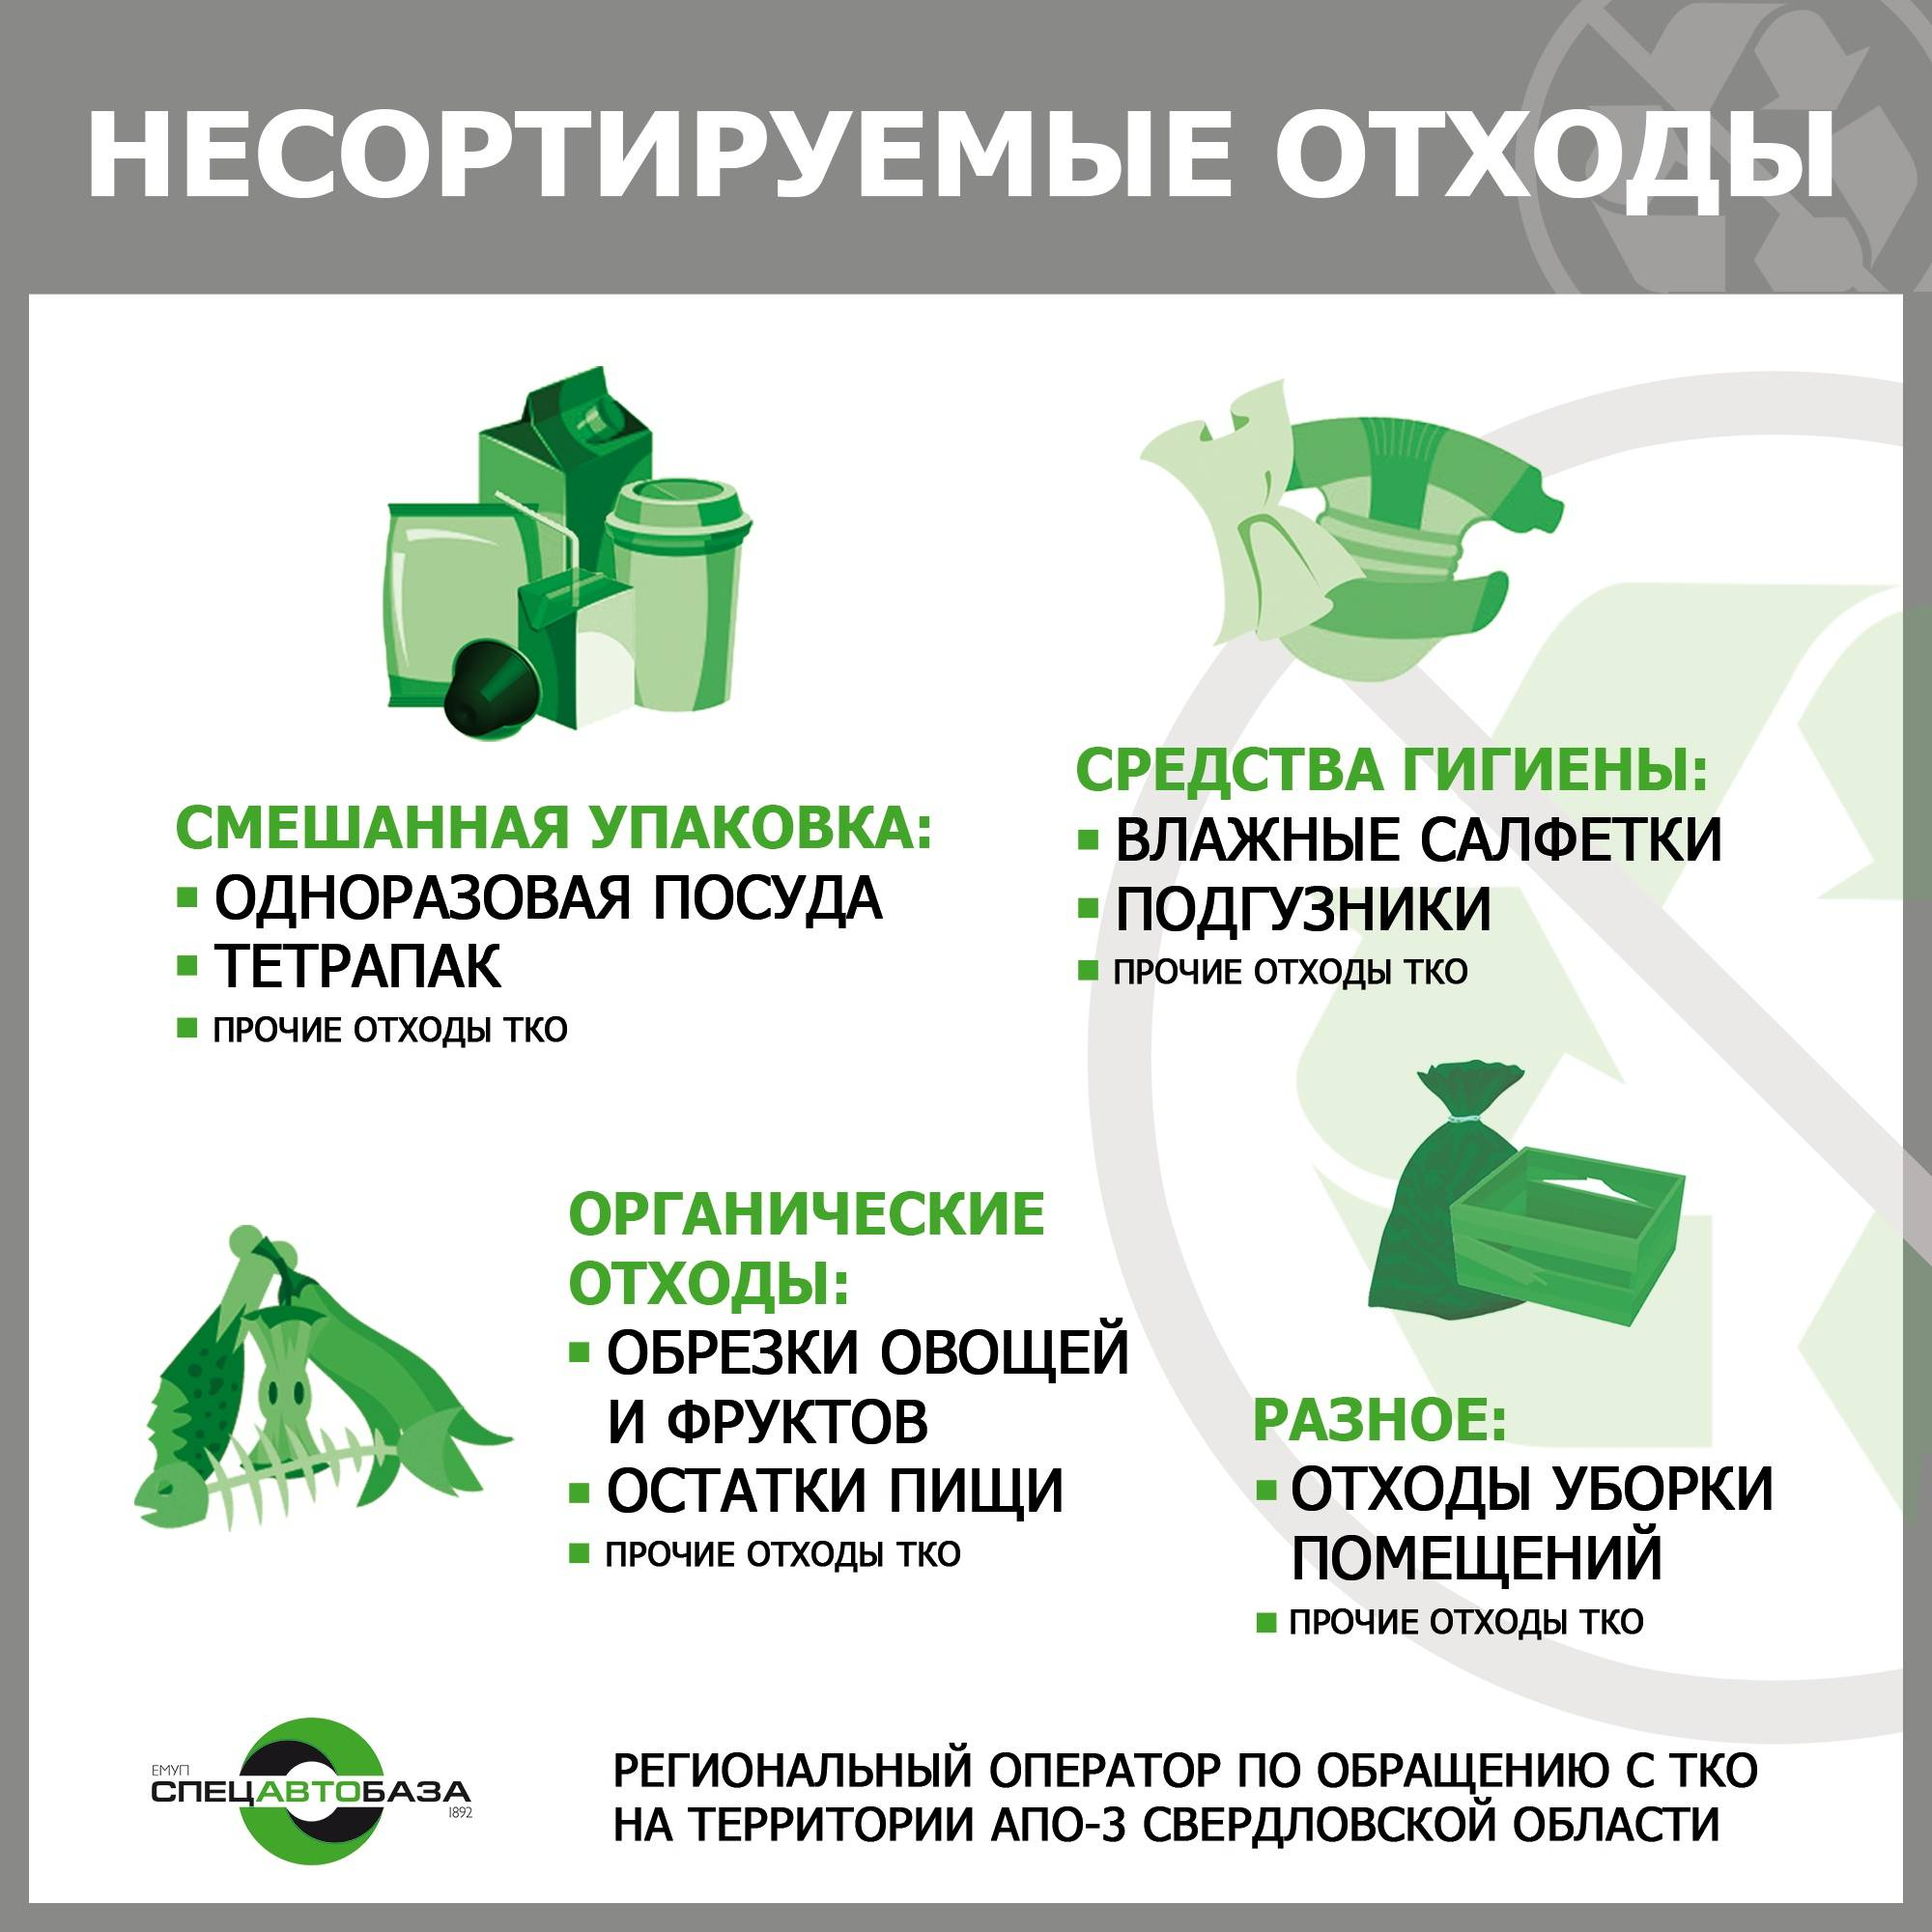 Организация утилизации и переработки бытовых отходов в европе, сша и японии -